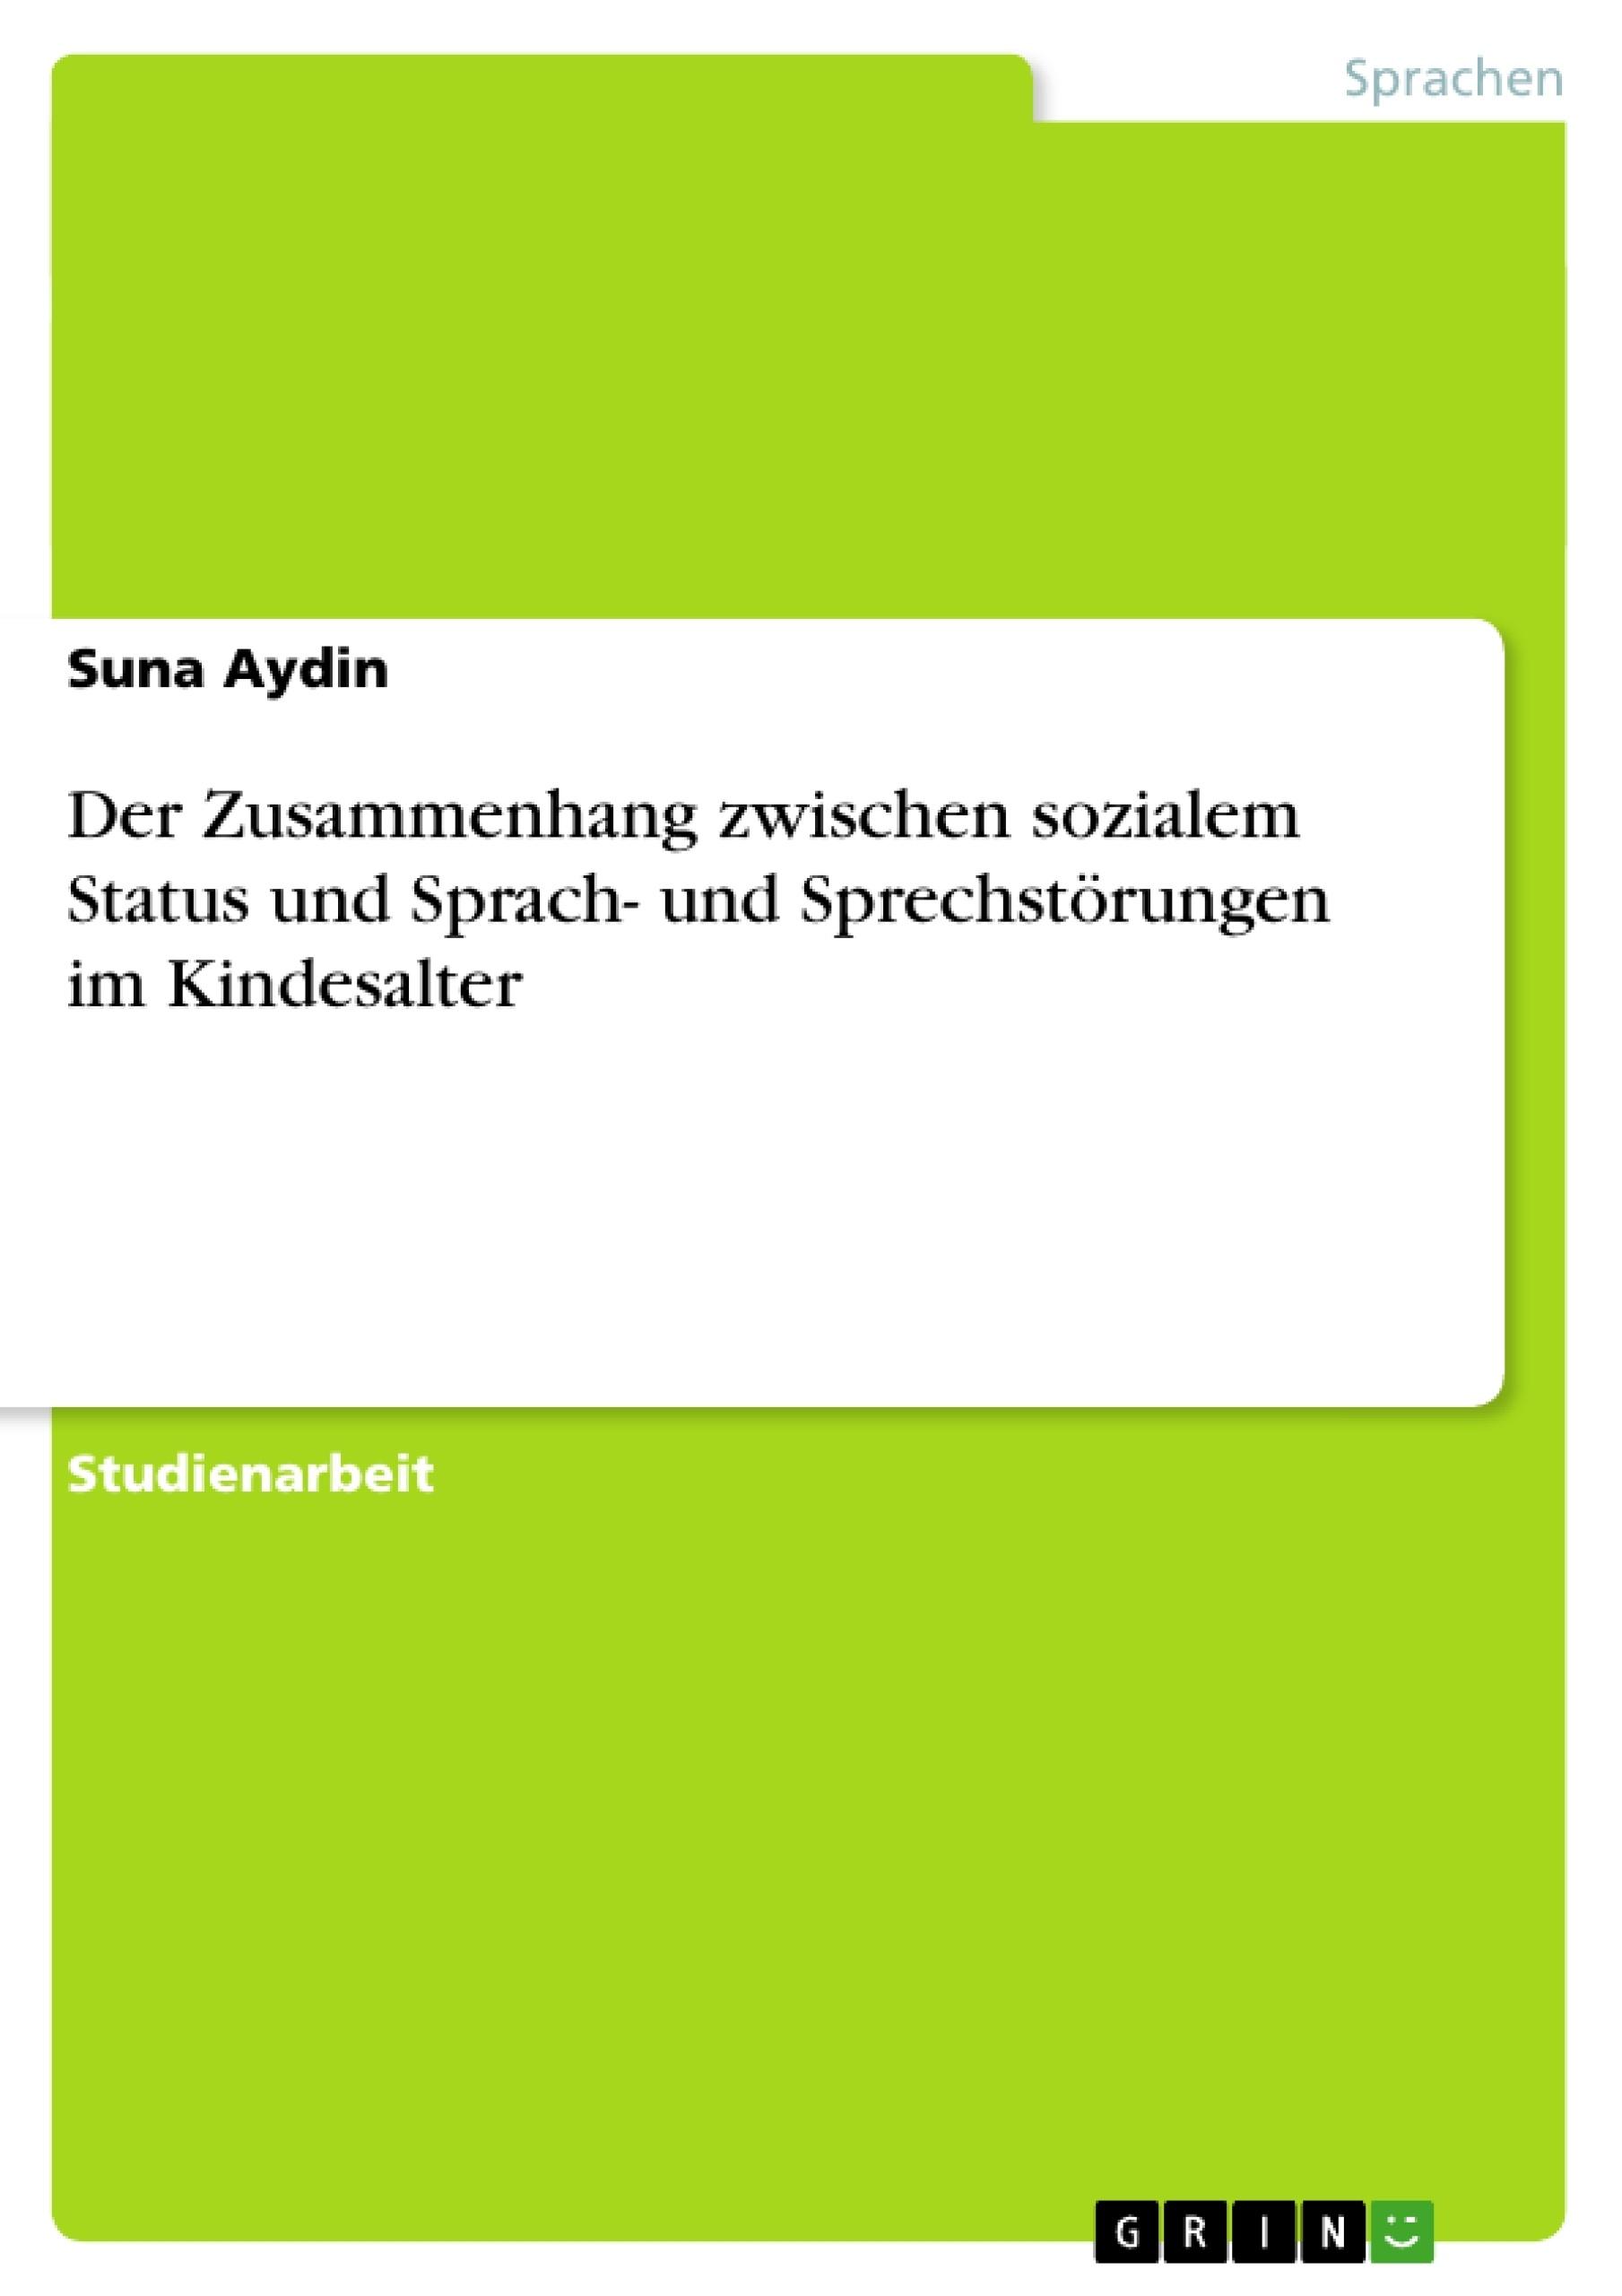 Titel: Der Zusammenhang zwischen sozialem Status und Sprach- und Sprechstörungen im Kindesalter